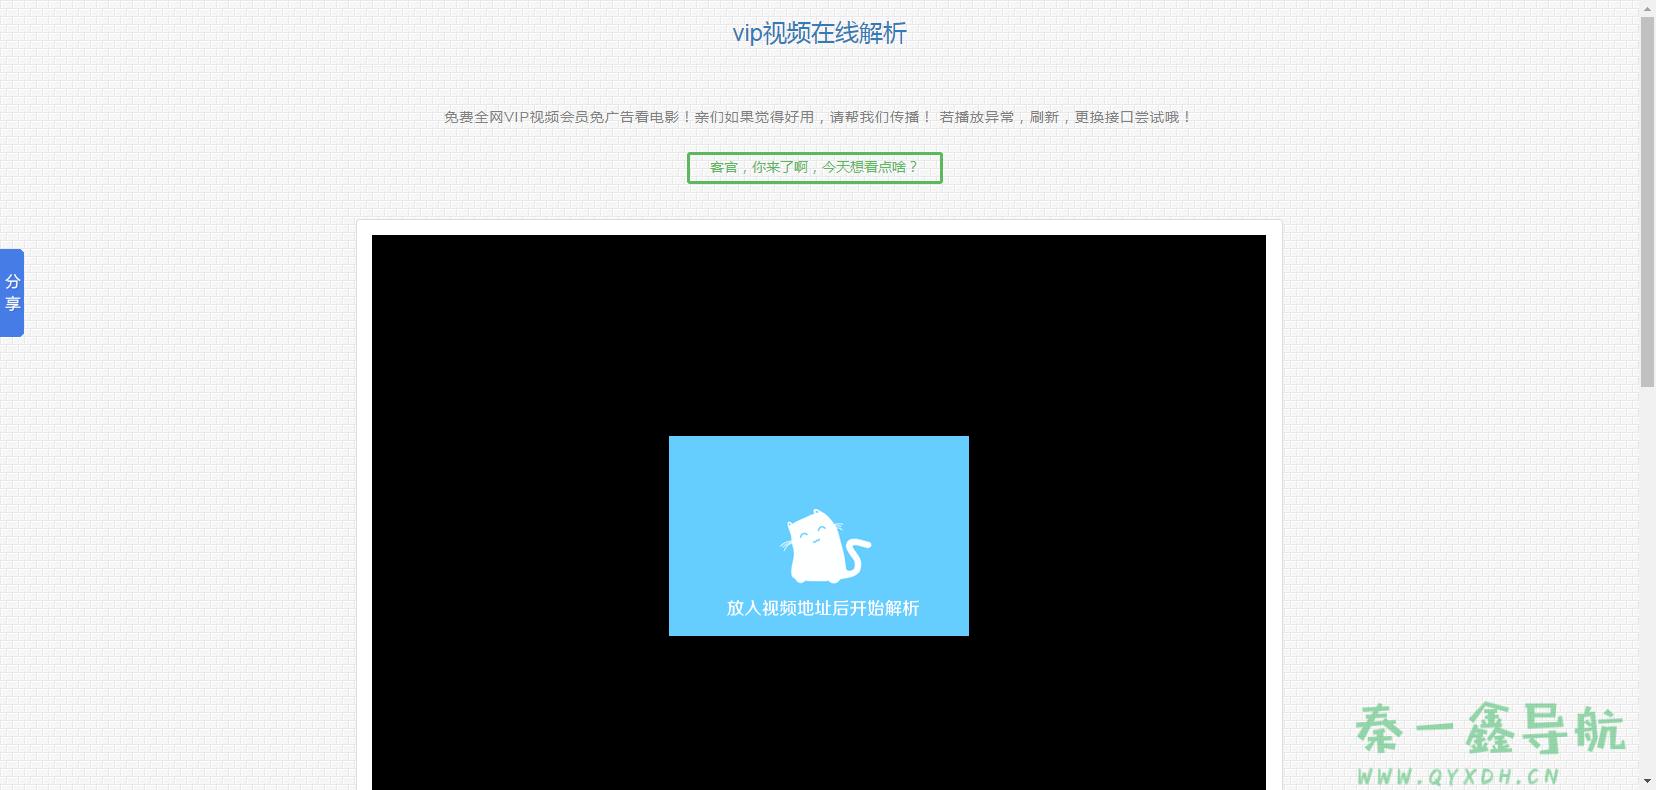 手机vip视频解析